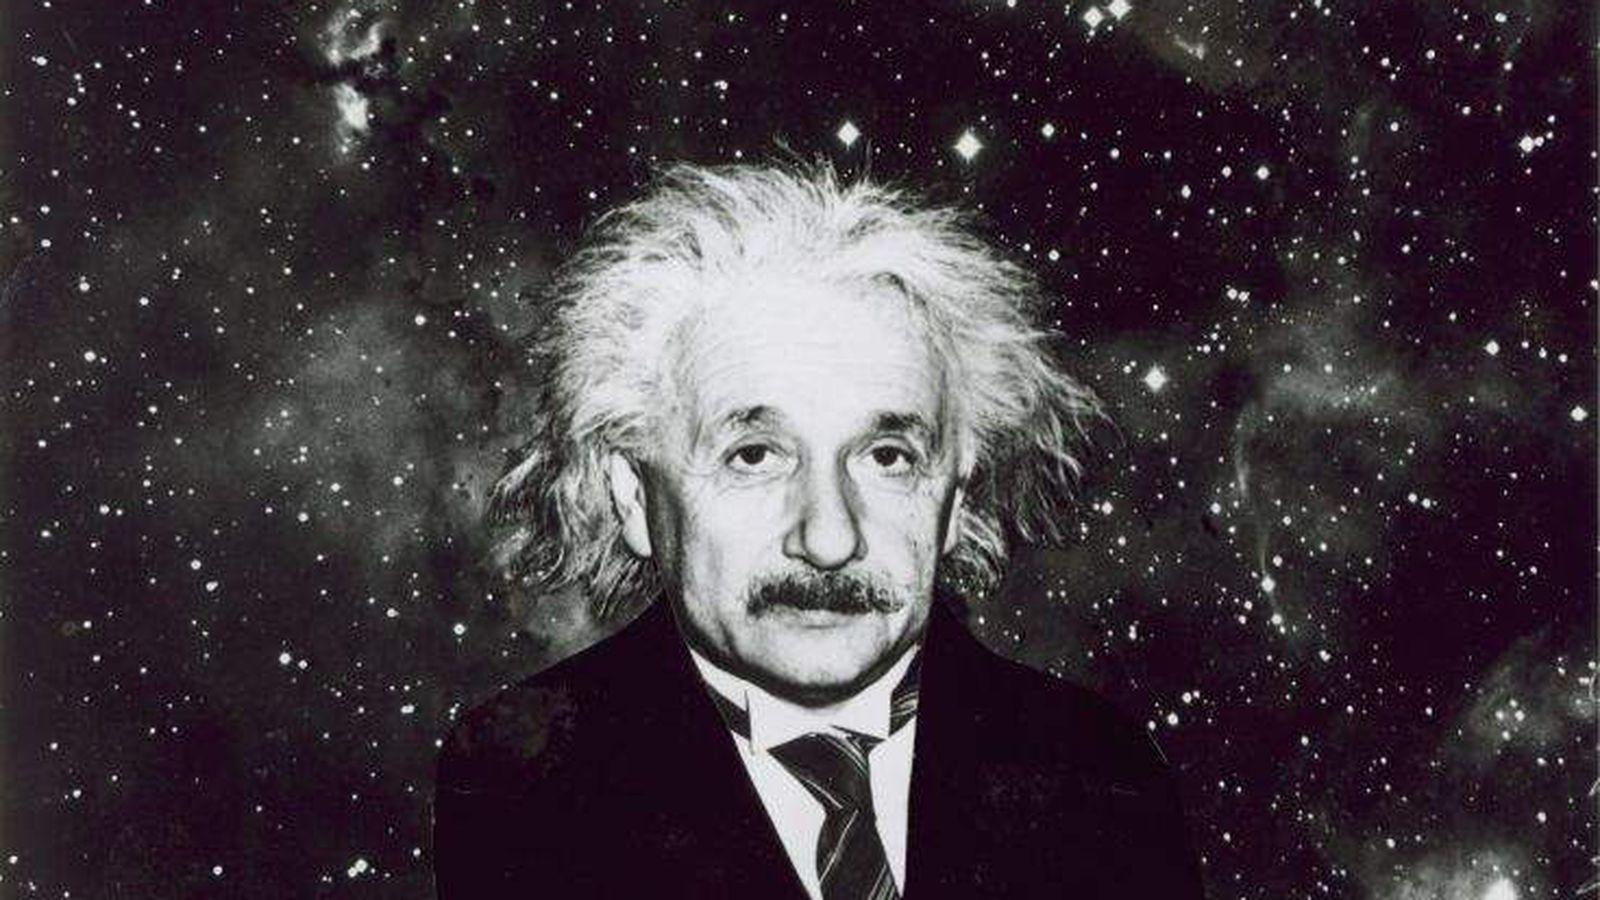 Albert Einstein habría guardado silencio sobre lo que vio en Roswell, sugiere el testimonio